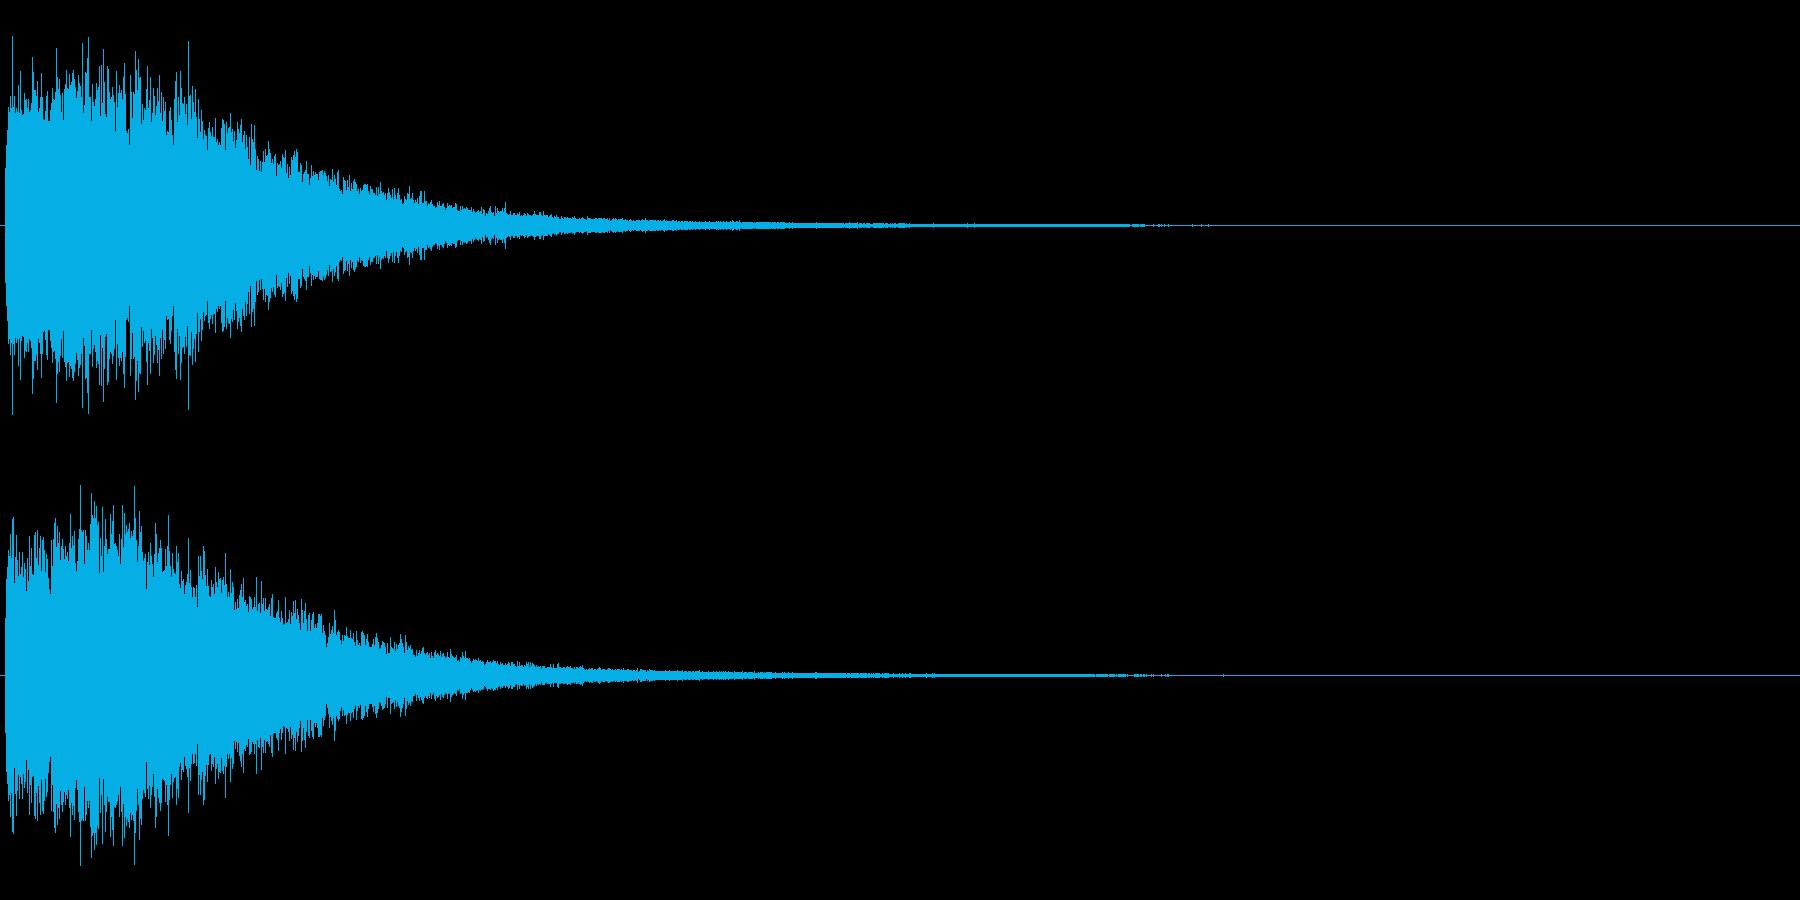 ピシャシャシャシャ インパクト音 ロゴの再生済みの波形